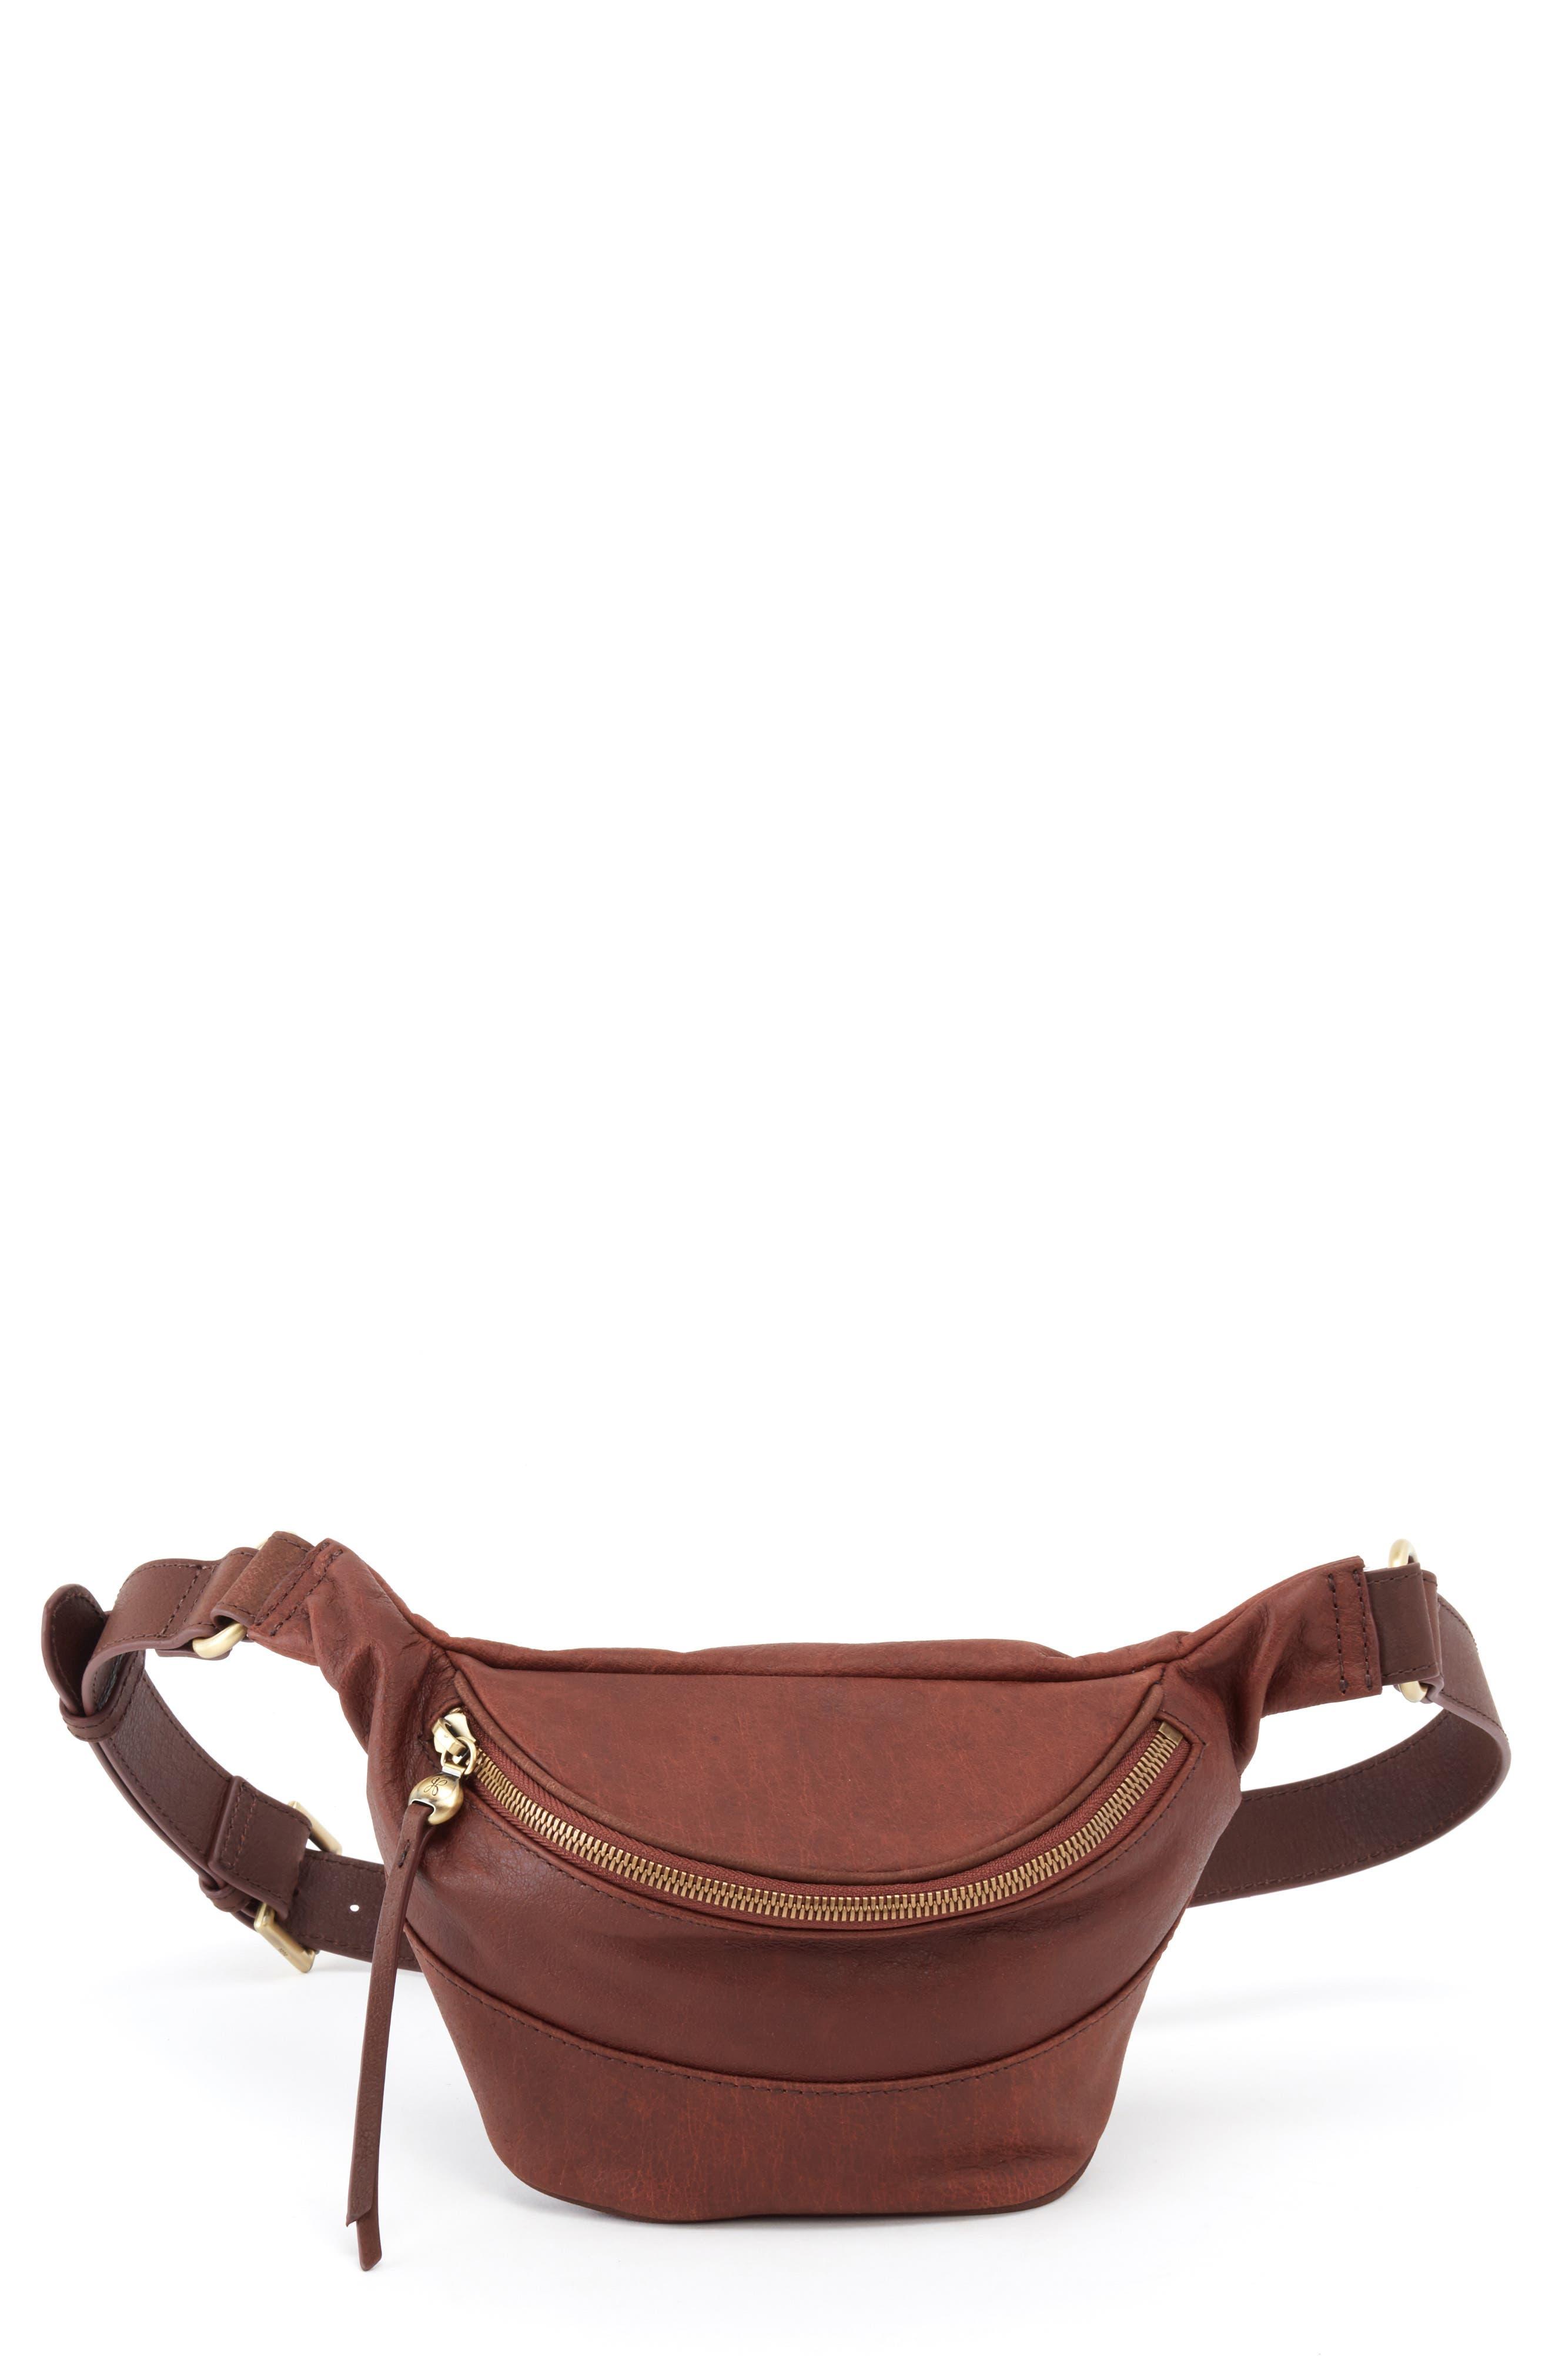 HOBO Jett Leather Belt Bag, Main, color, 200